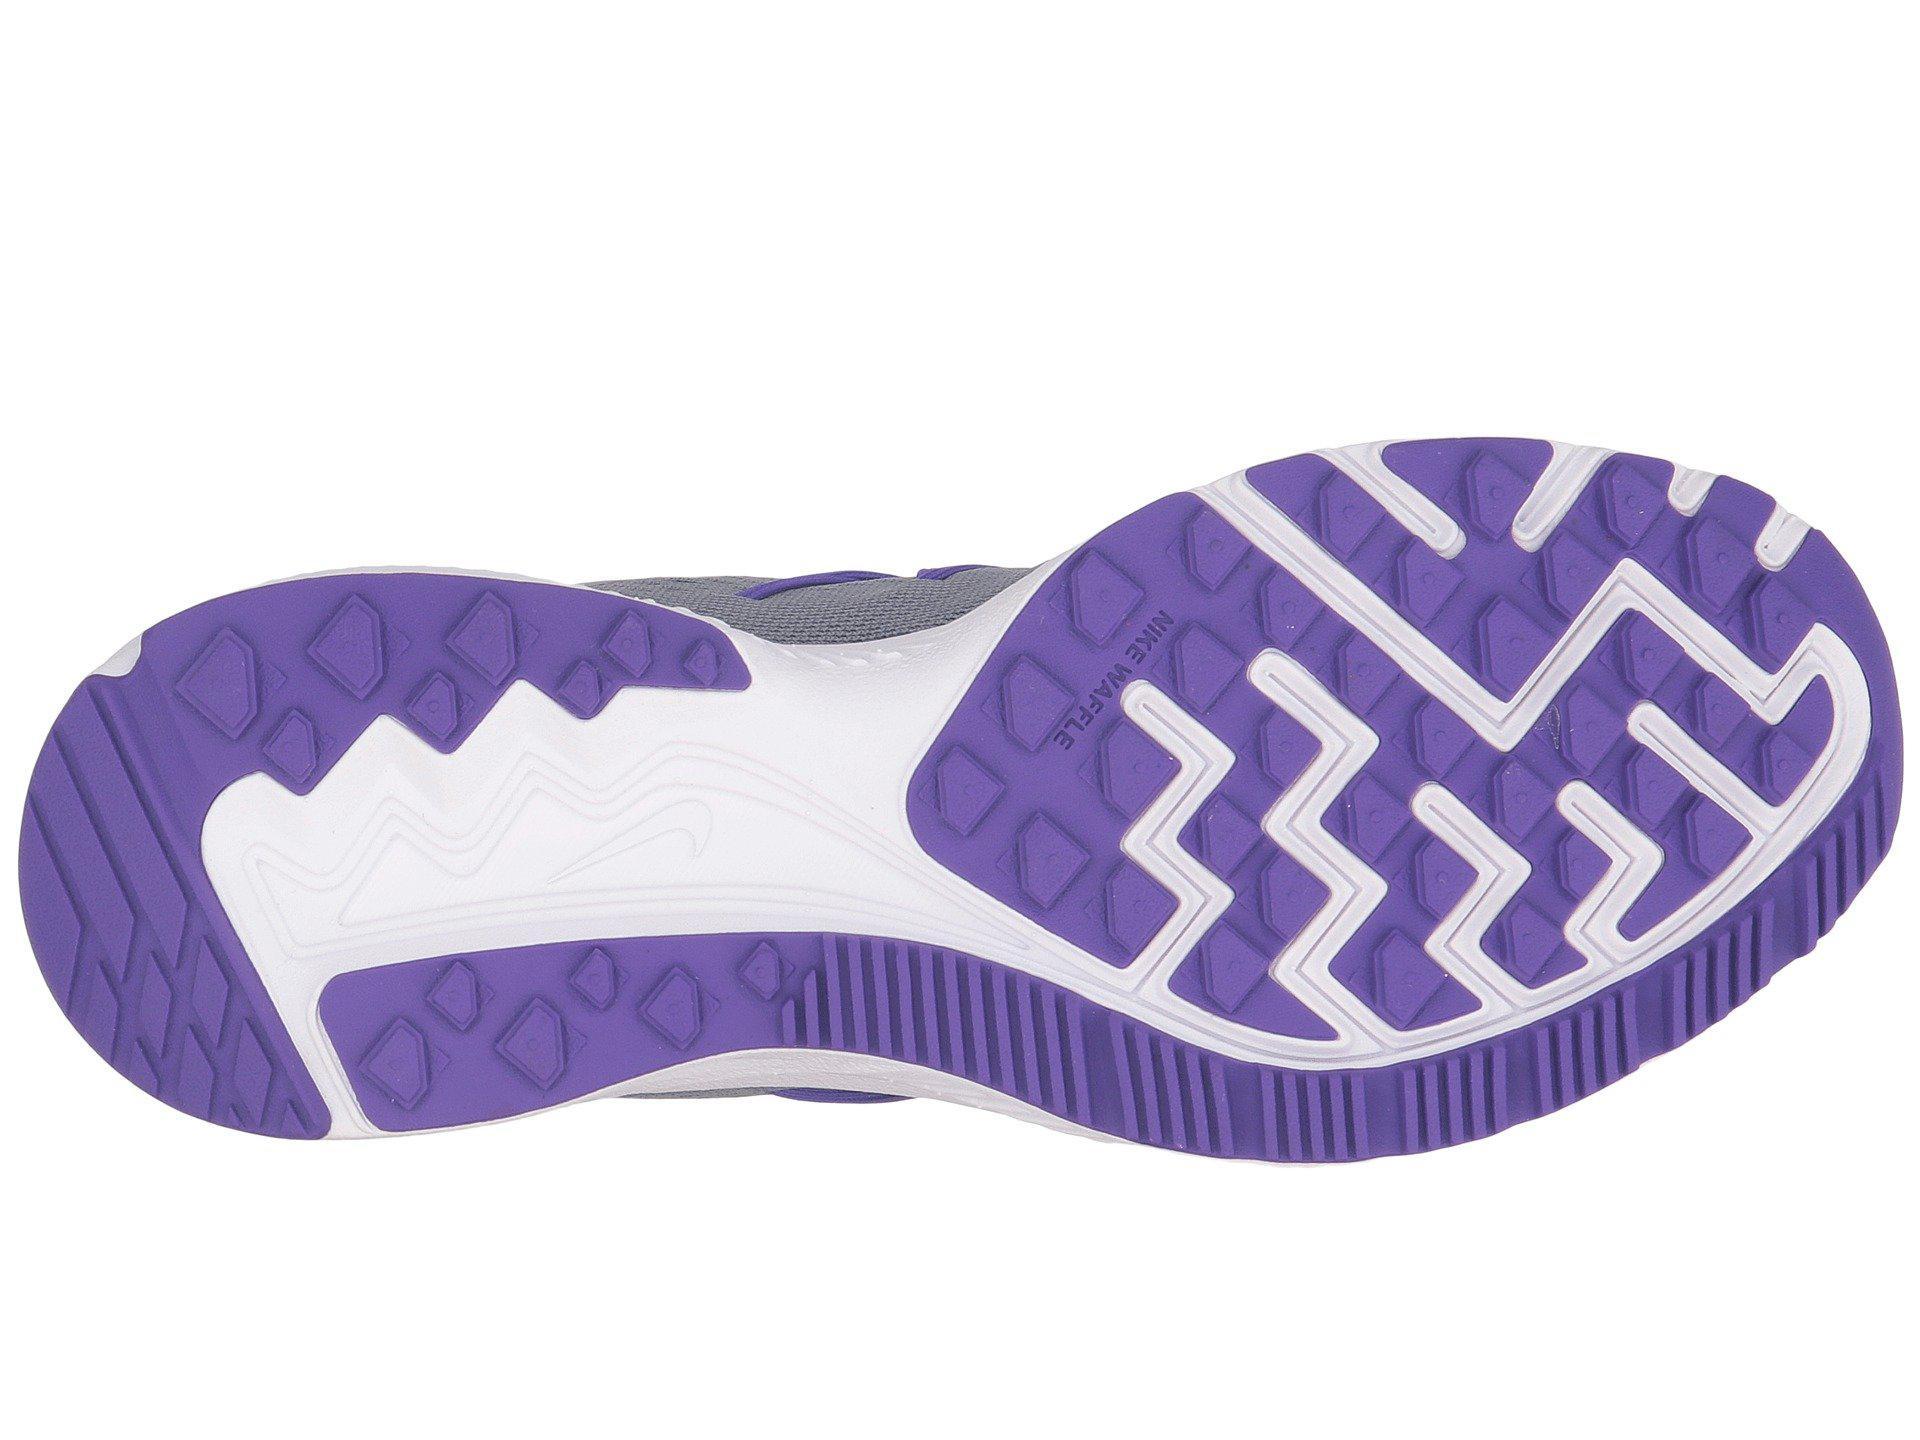 b86c8c41ccf9e ... sports shoes l41x2333 b2d35 3900b  coupon code for lyst nike zoom  winflo 3 in purple 5fe8b d989c